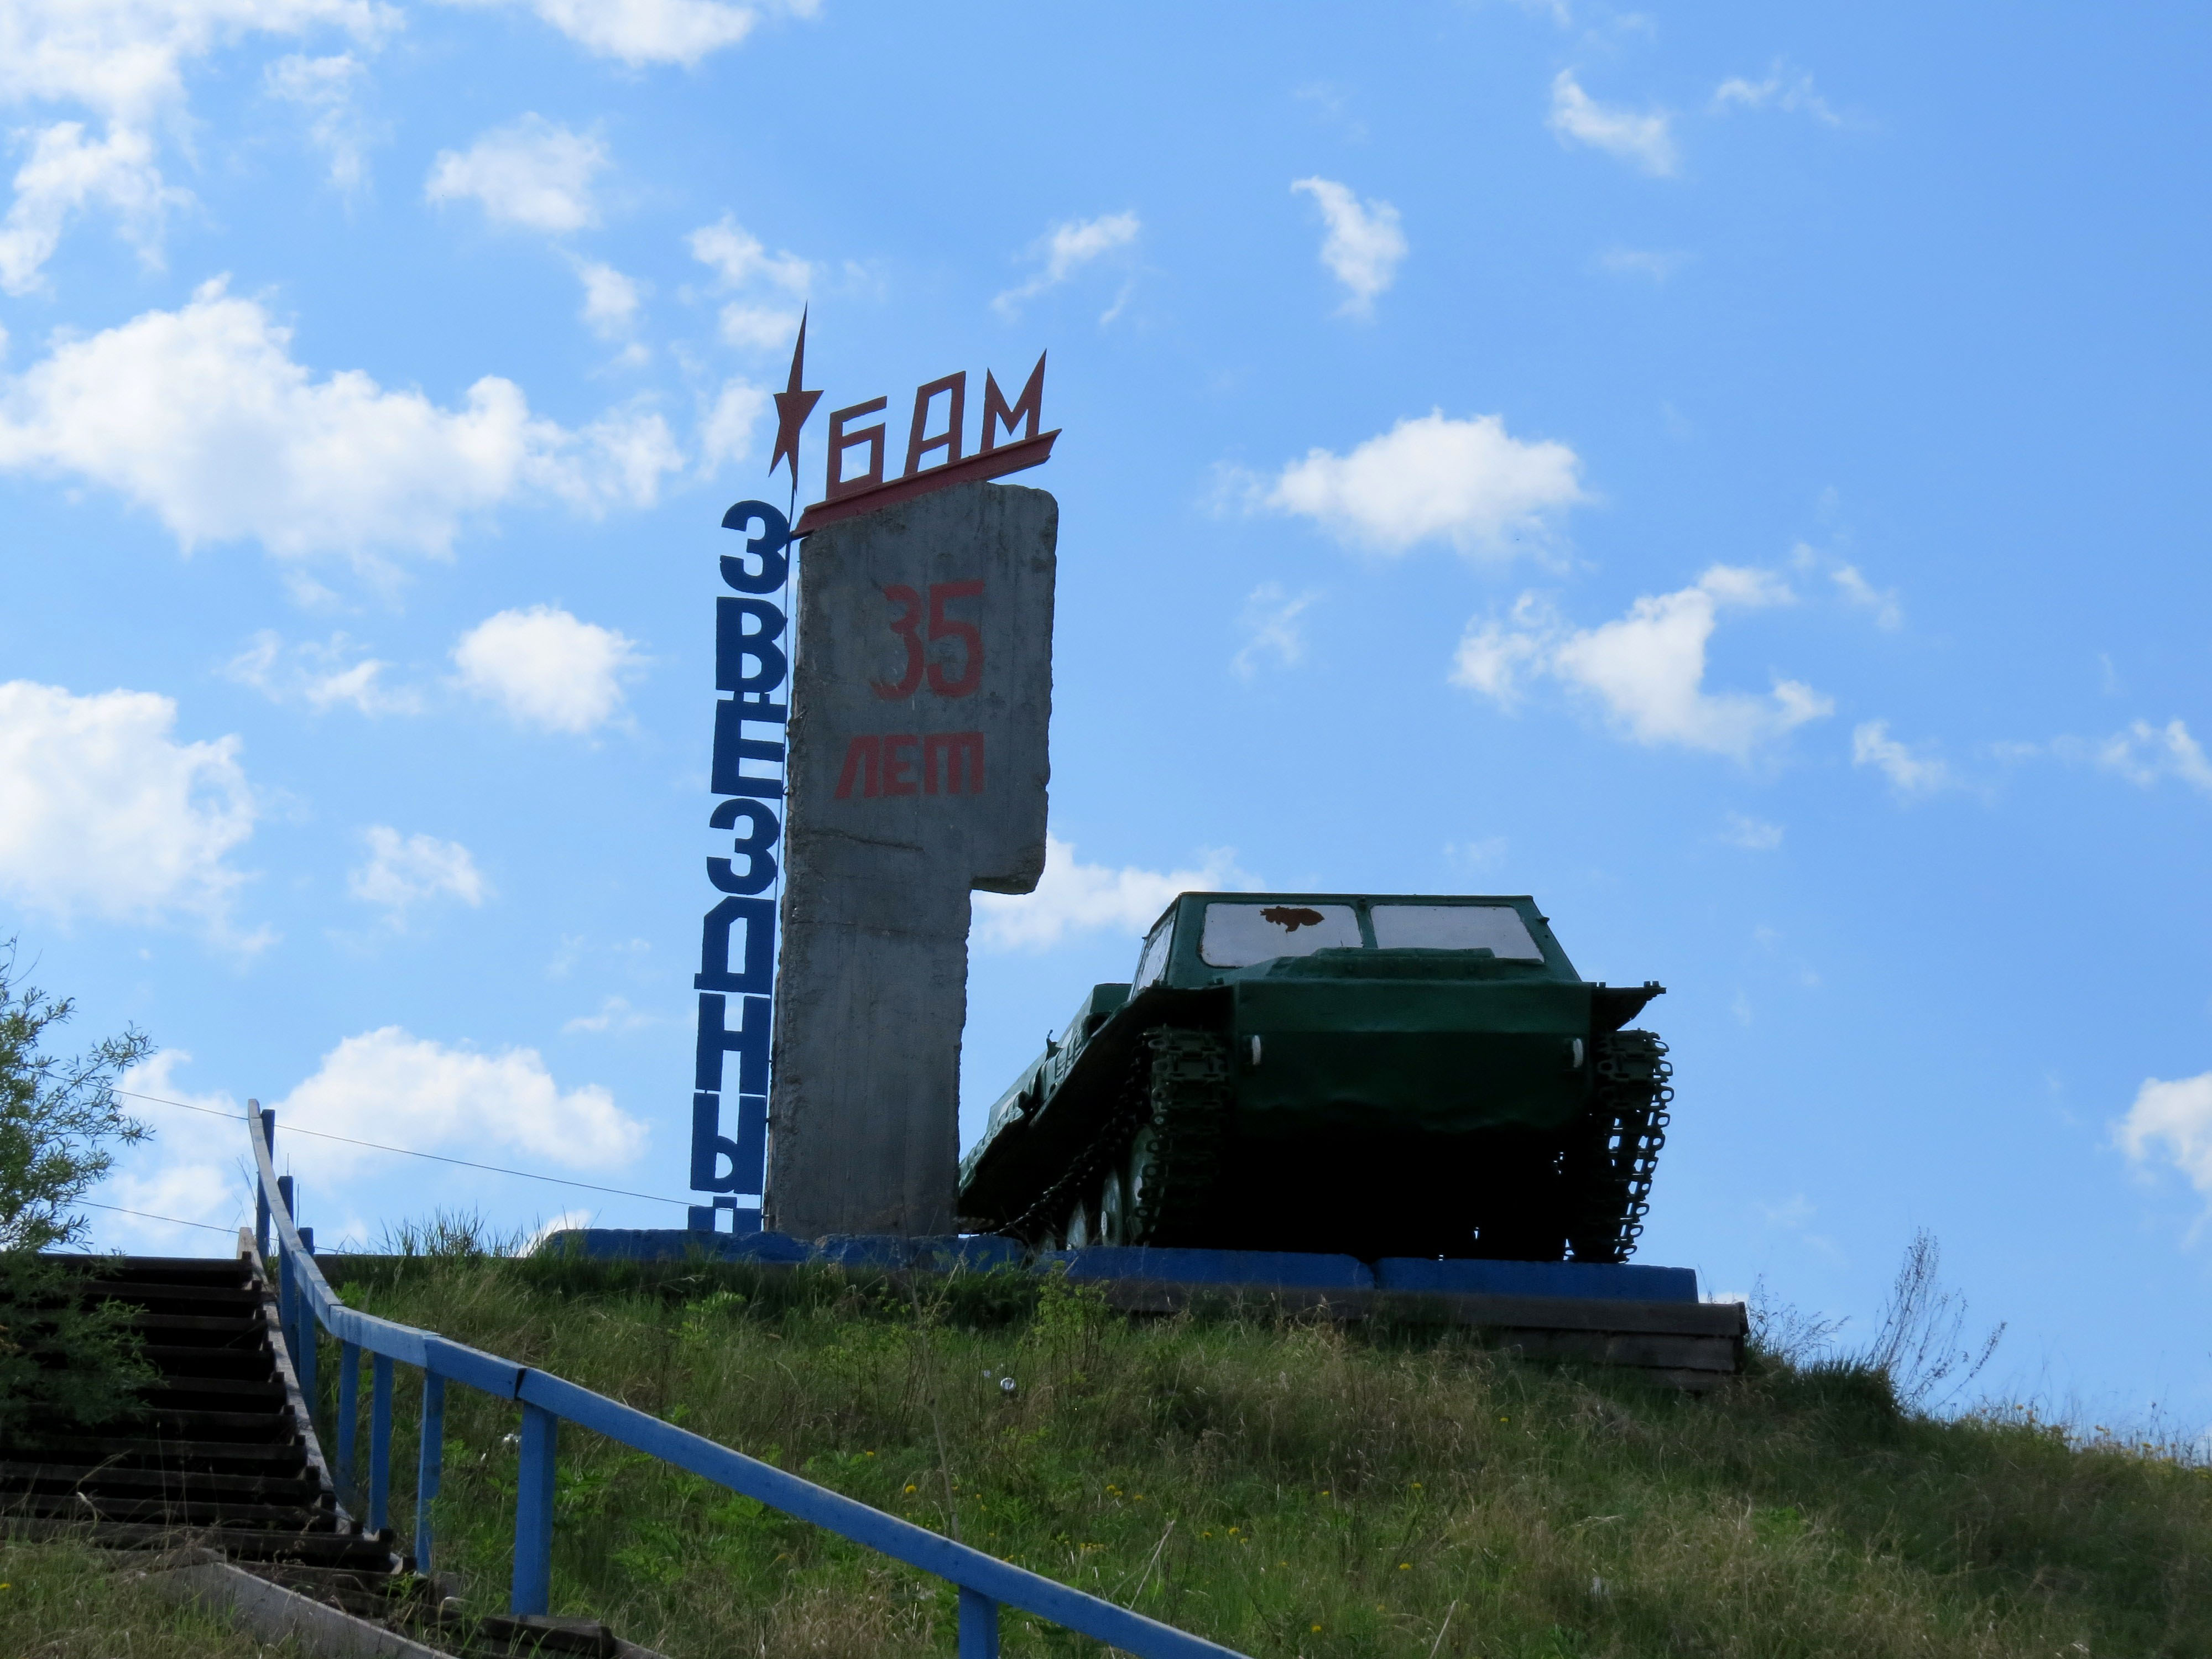 поселок звездный иркутская область фото петляю